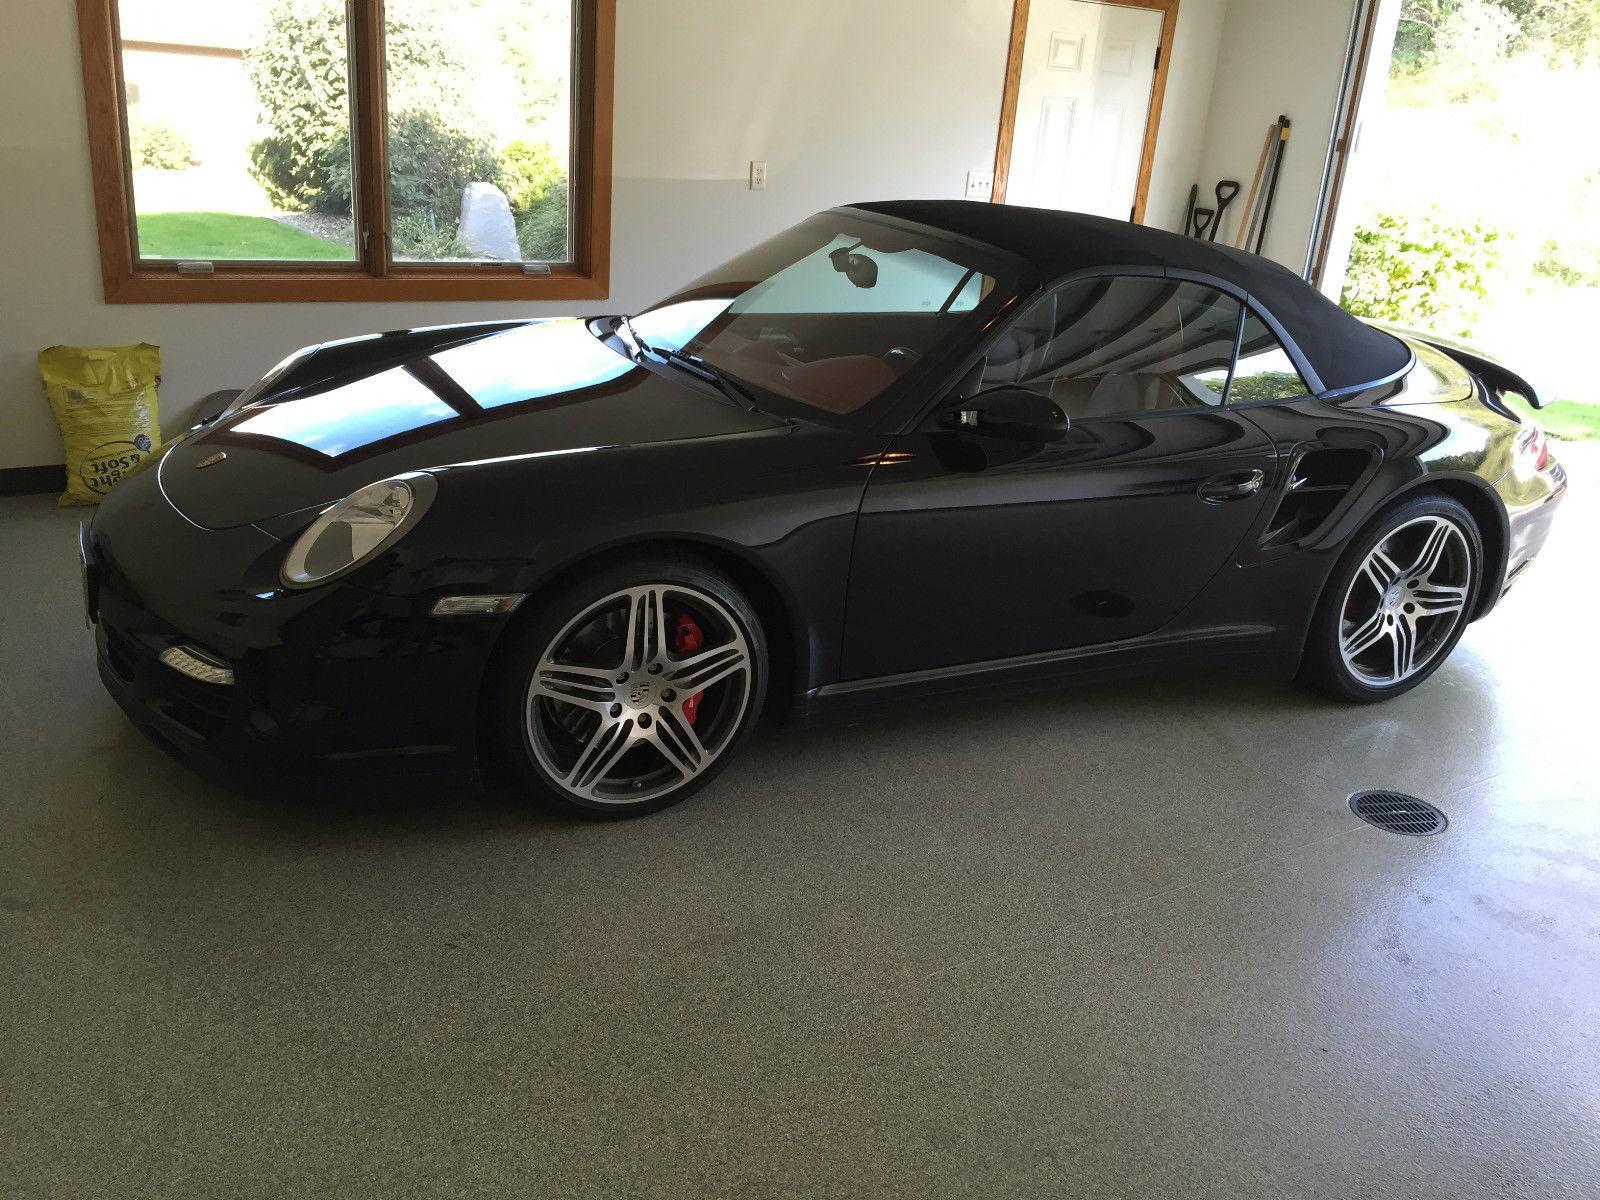 2009 porsche 911 turbo cabriolet black for sale. Black Bedroom Furniture Sets. Home Design Ideas